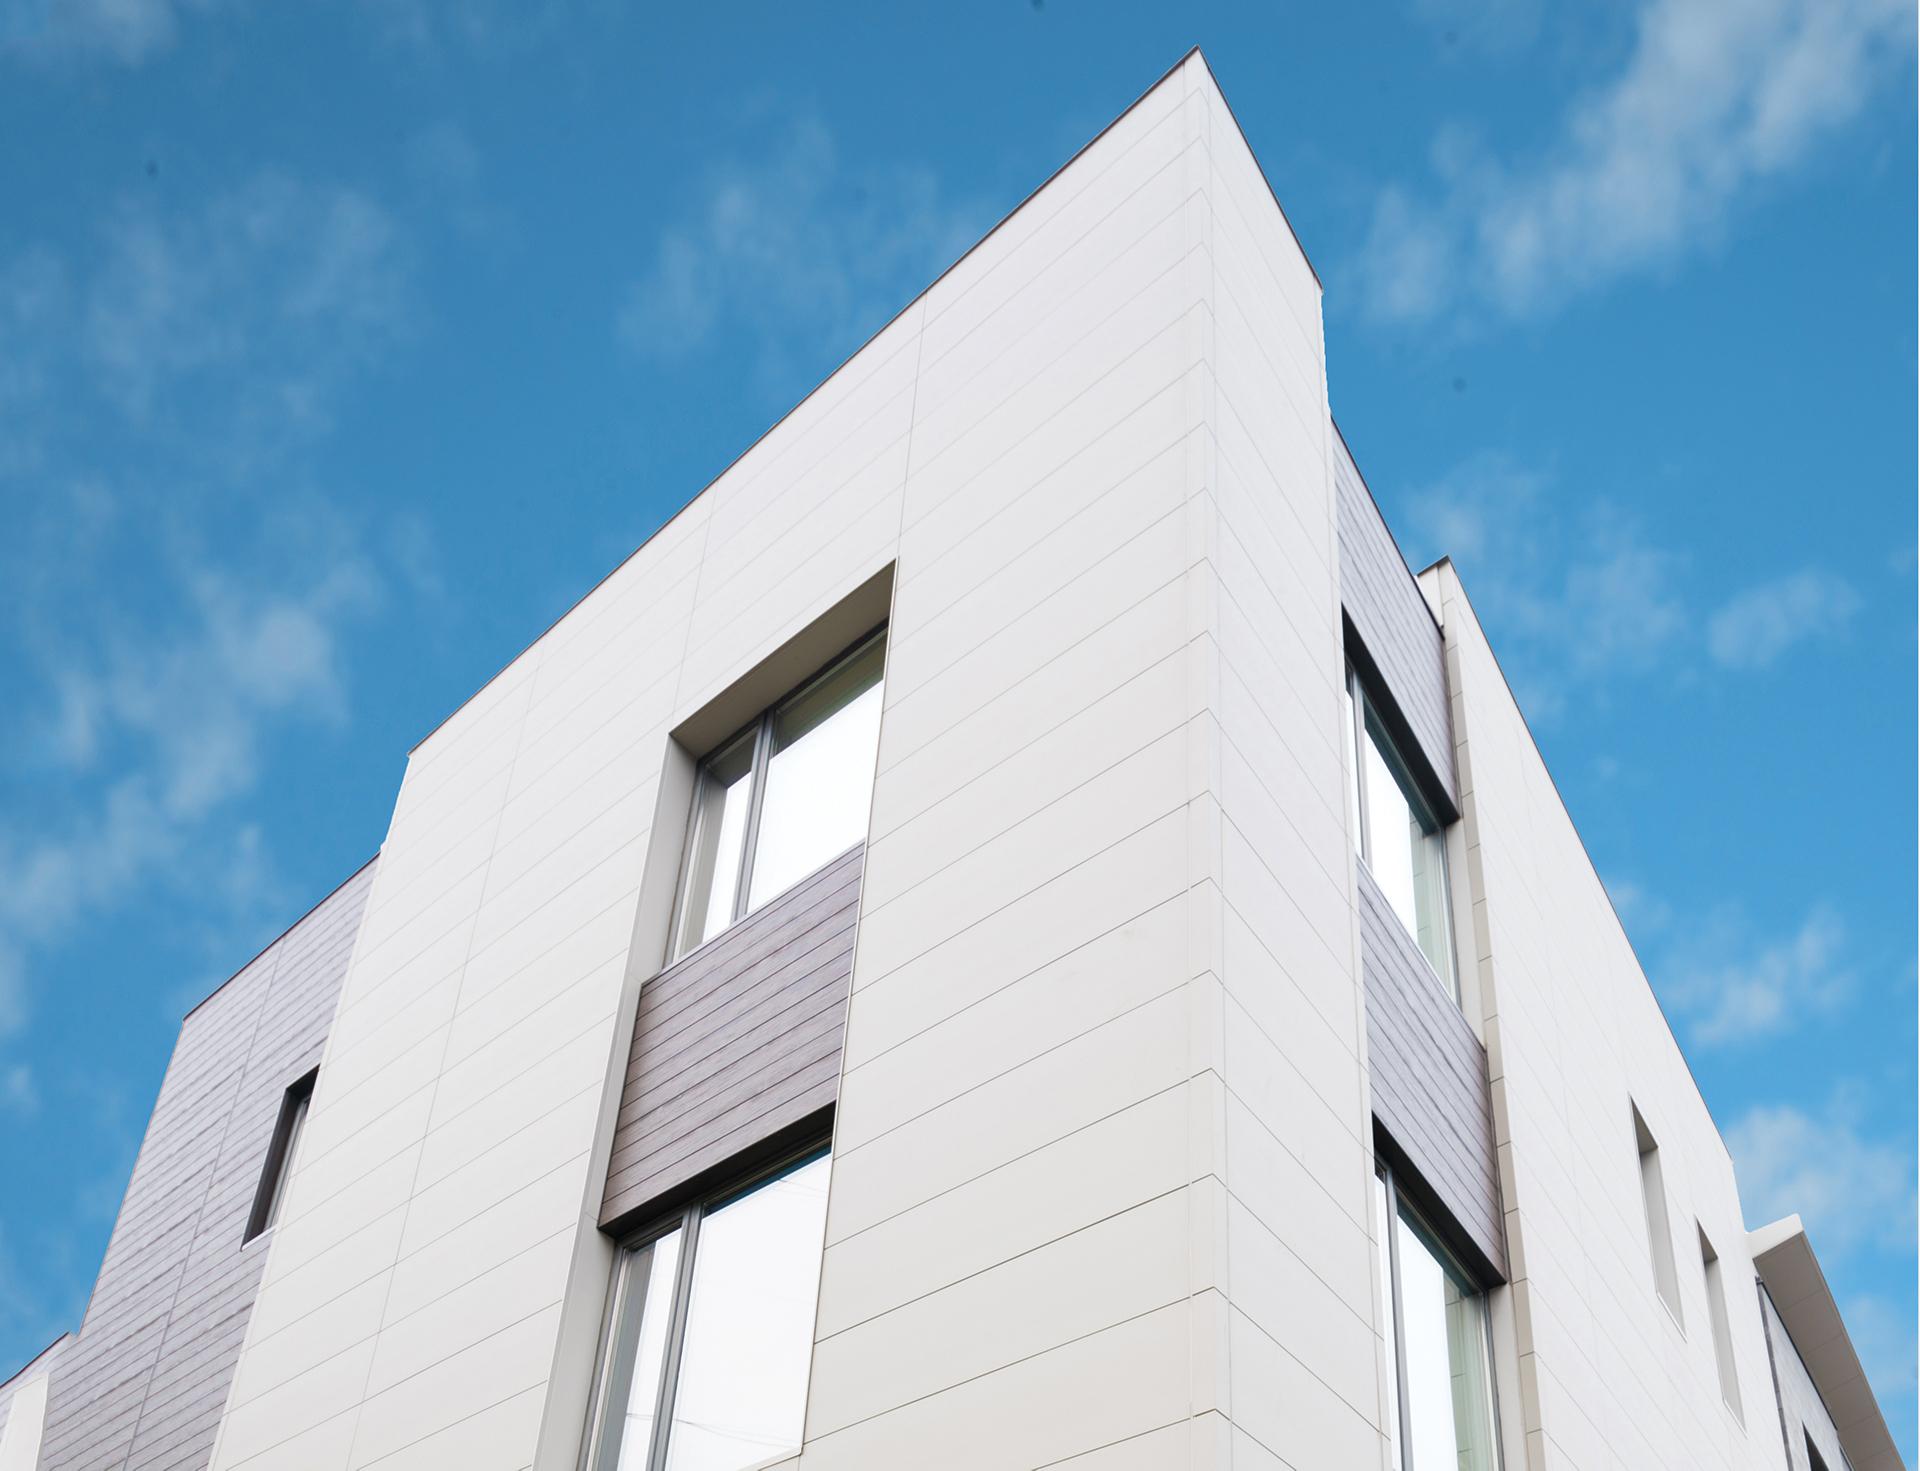 nichiha-architecturalblock-gray-uptown-l